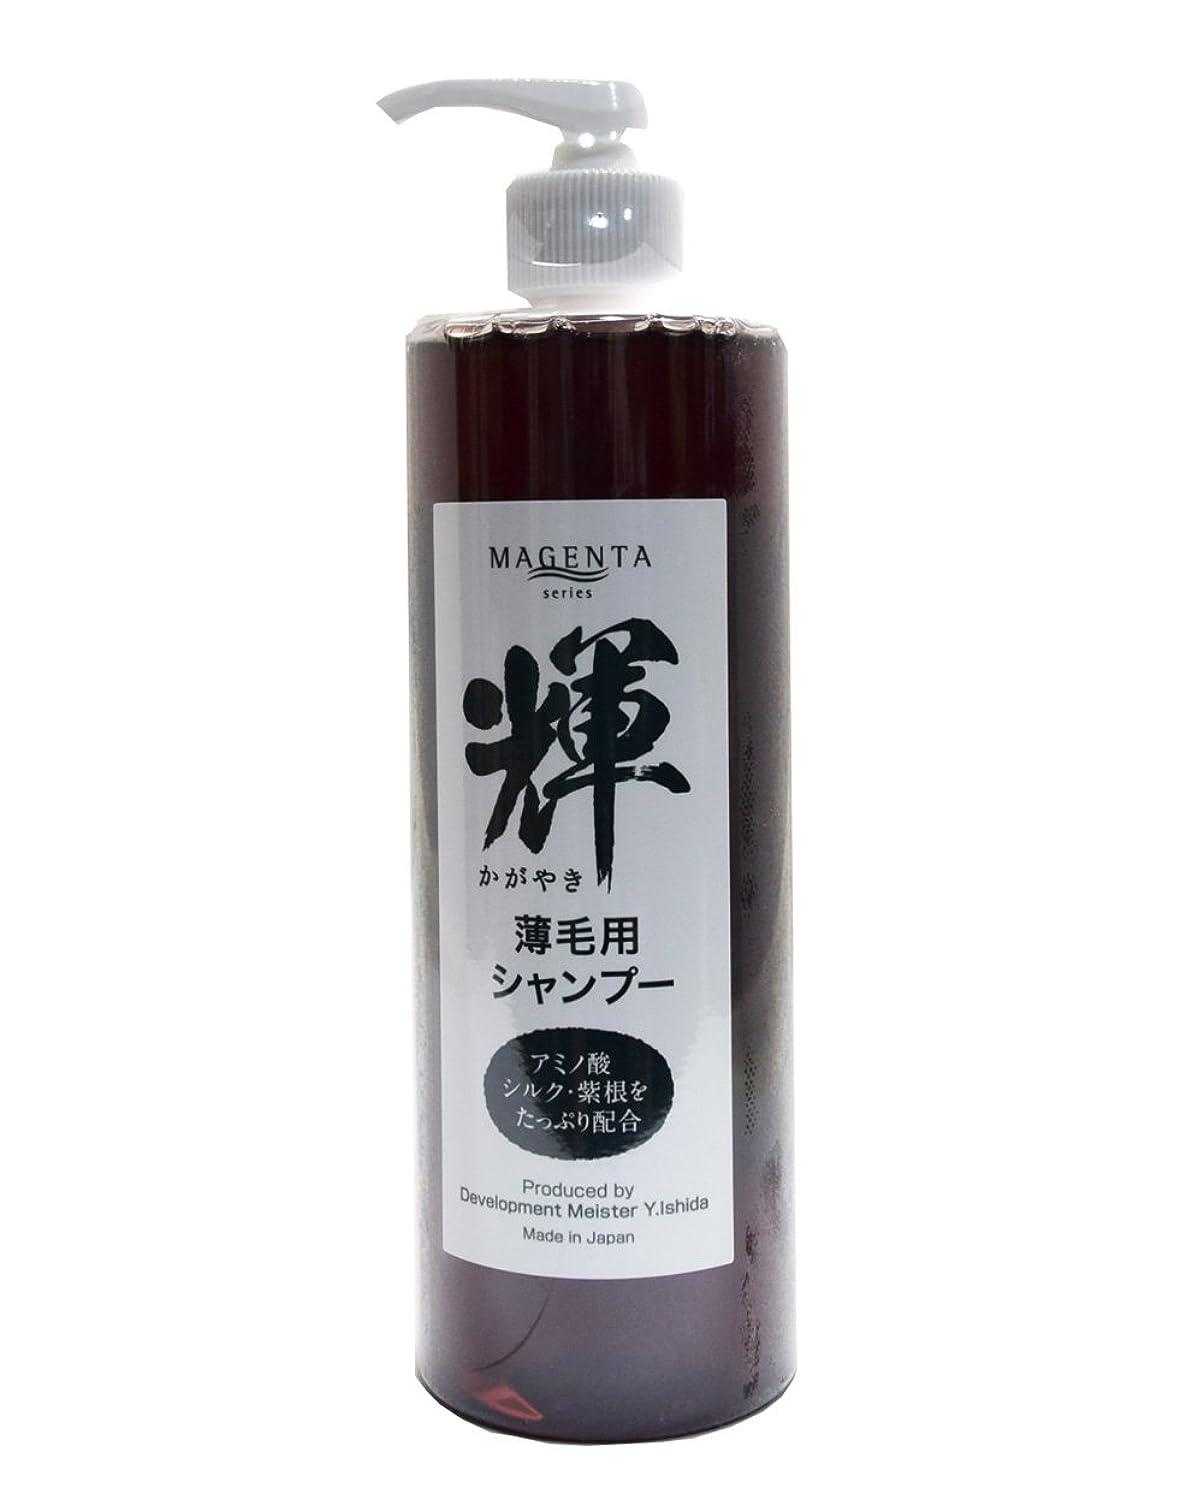 ニュージーランド文字通り透過性Y'stone ワイストーン MAGENTA 輝 マジェンタ かがやき 薄毛用 シャンプー 400ml アミノ酸?シルク?紫根をたっぷり配合 日本製